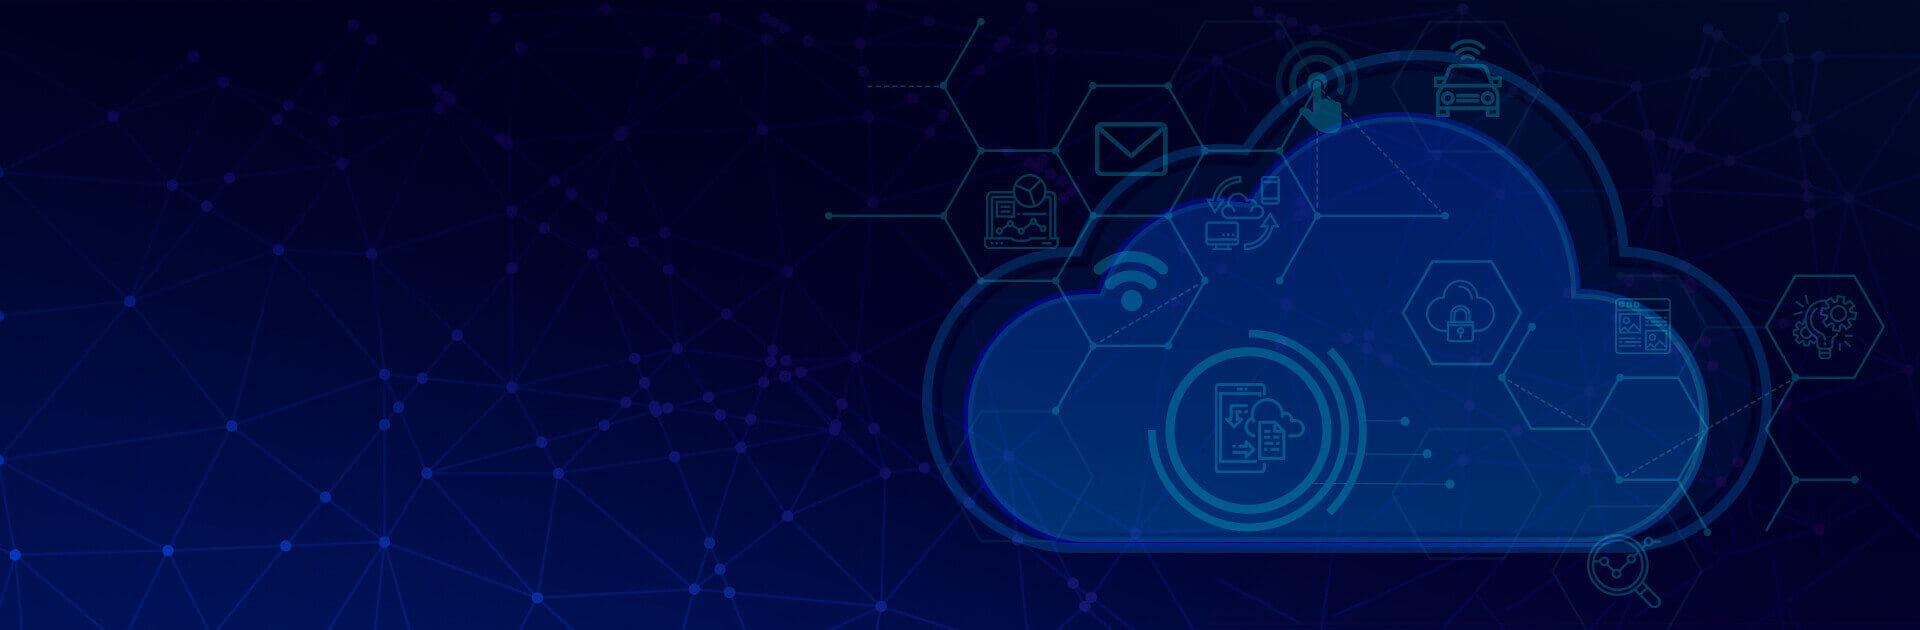 Cloud-Native Development Services